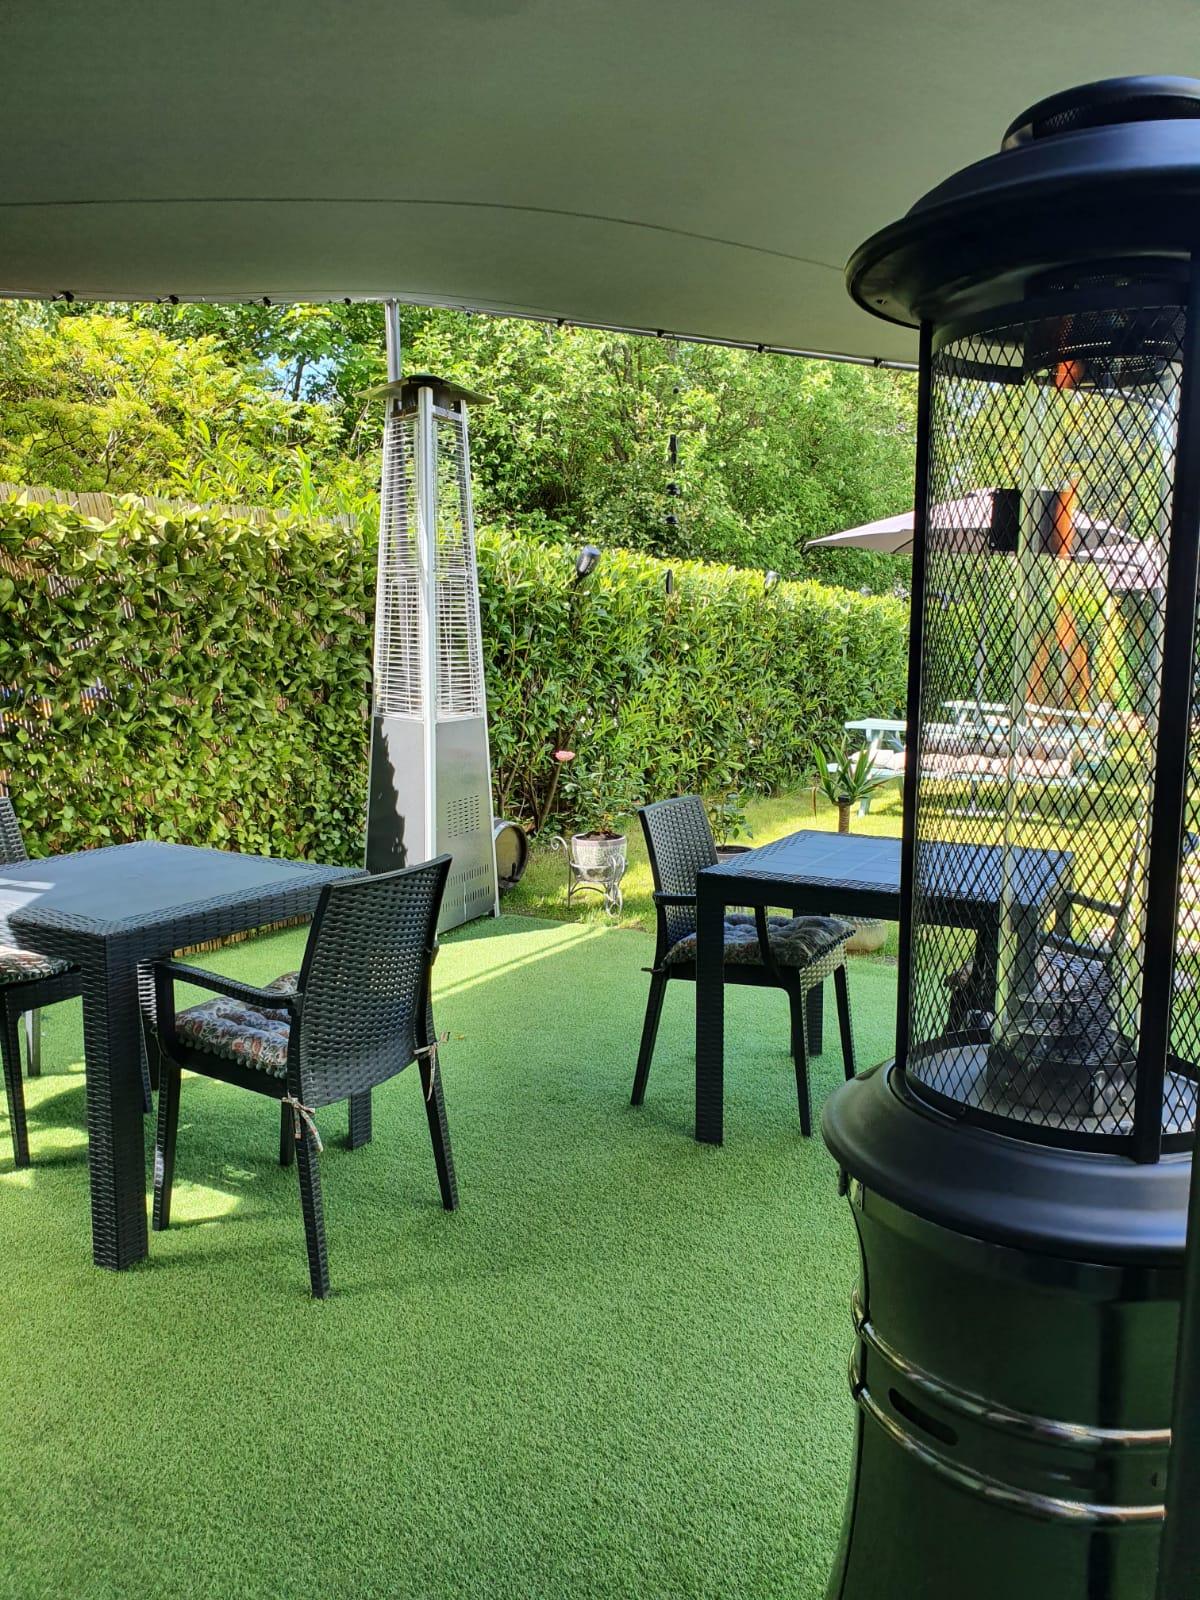 Beer Garden - Fire - Outdoor Dinning - Wine House Restaurant